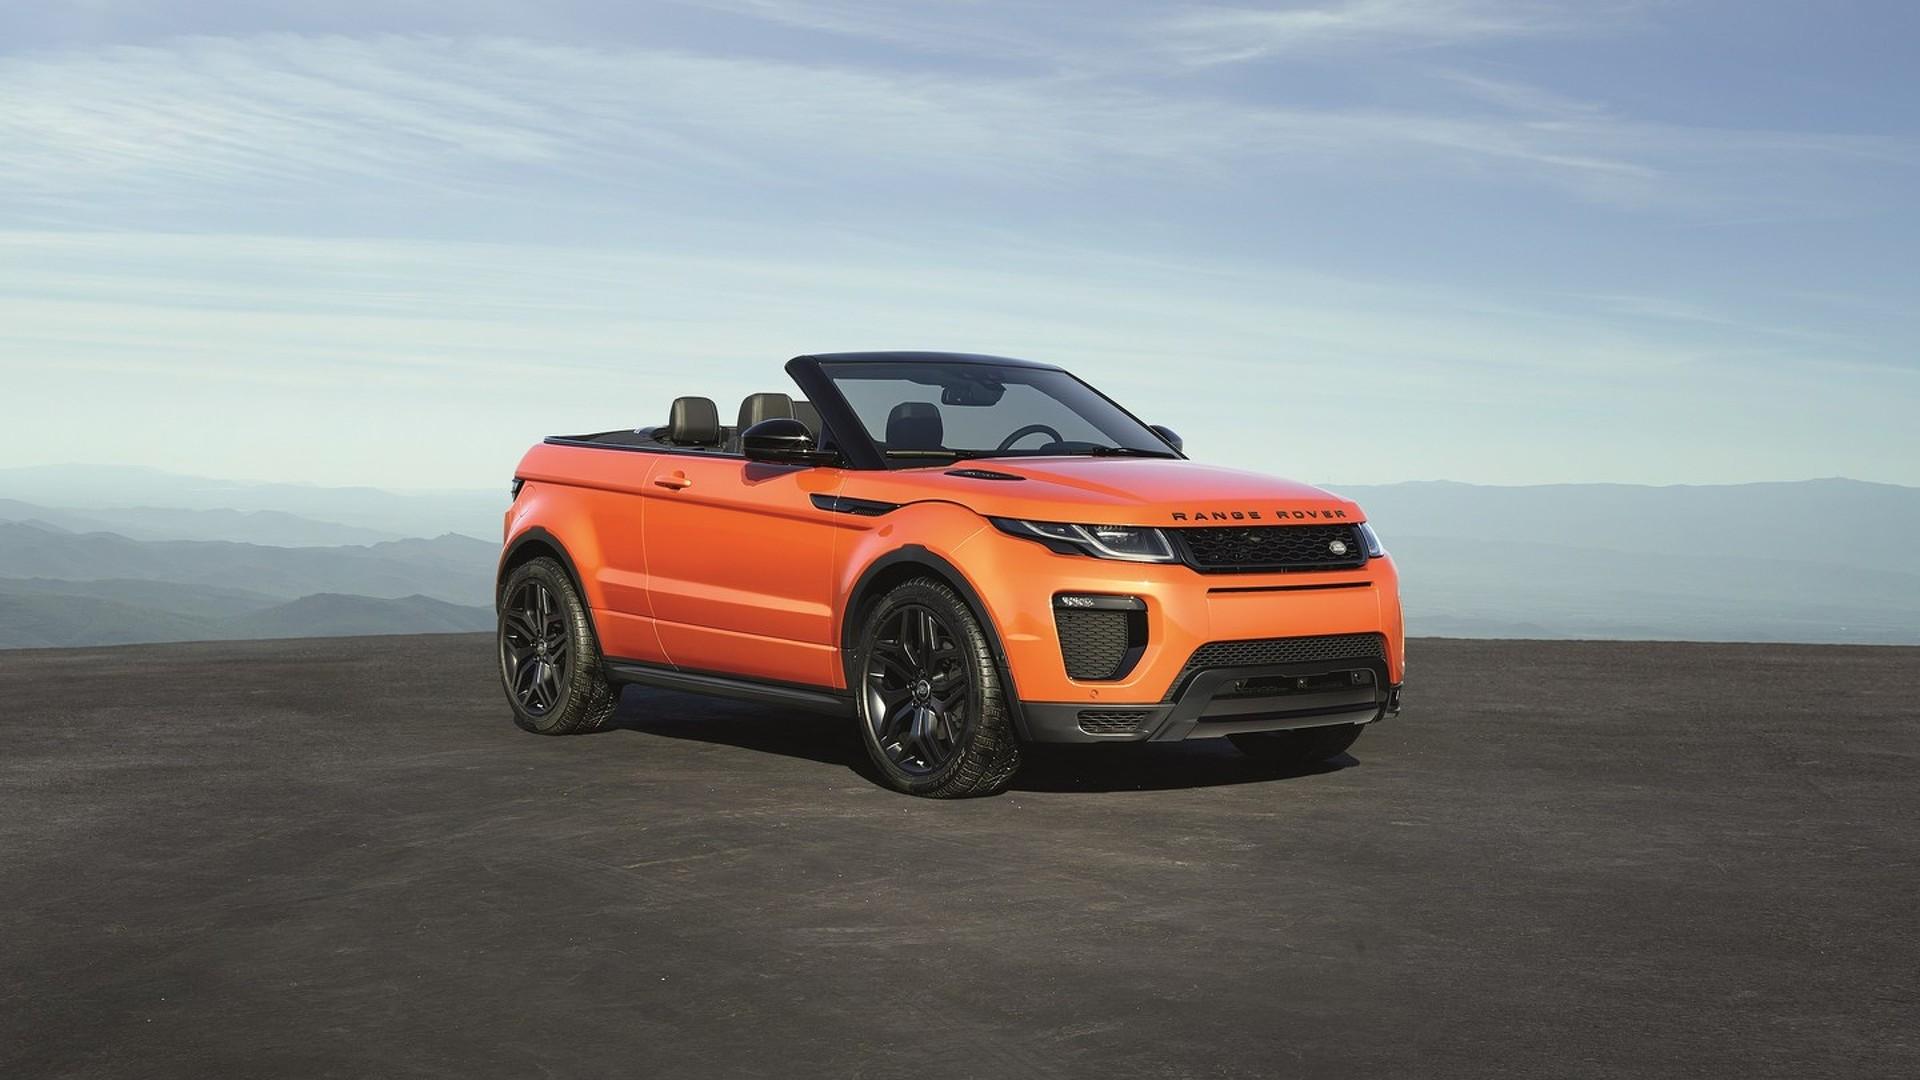 Range Rover Convertible >> Land Rover Range Rover Evoque Convertible News And Reviews